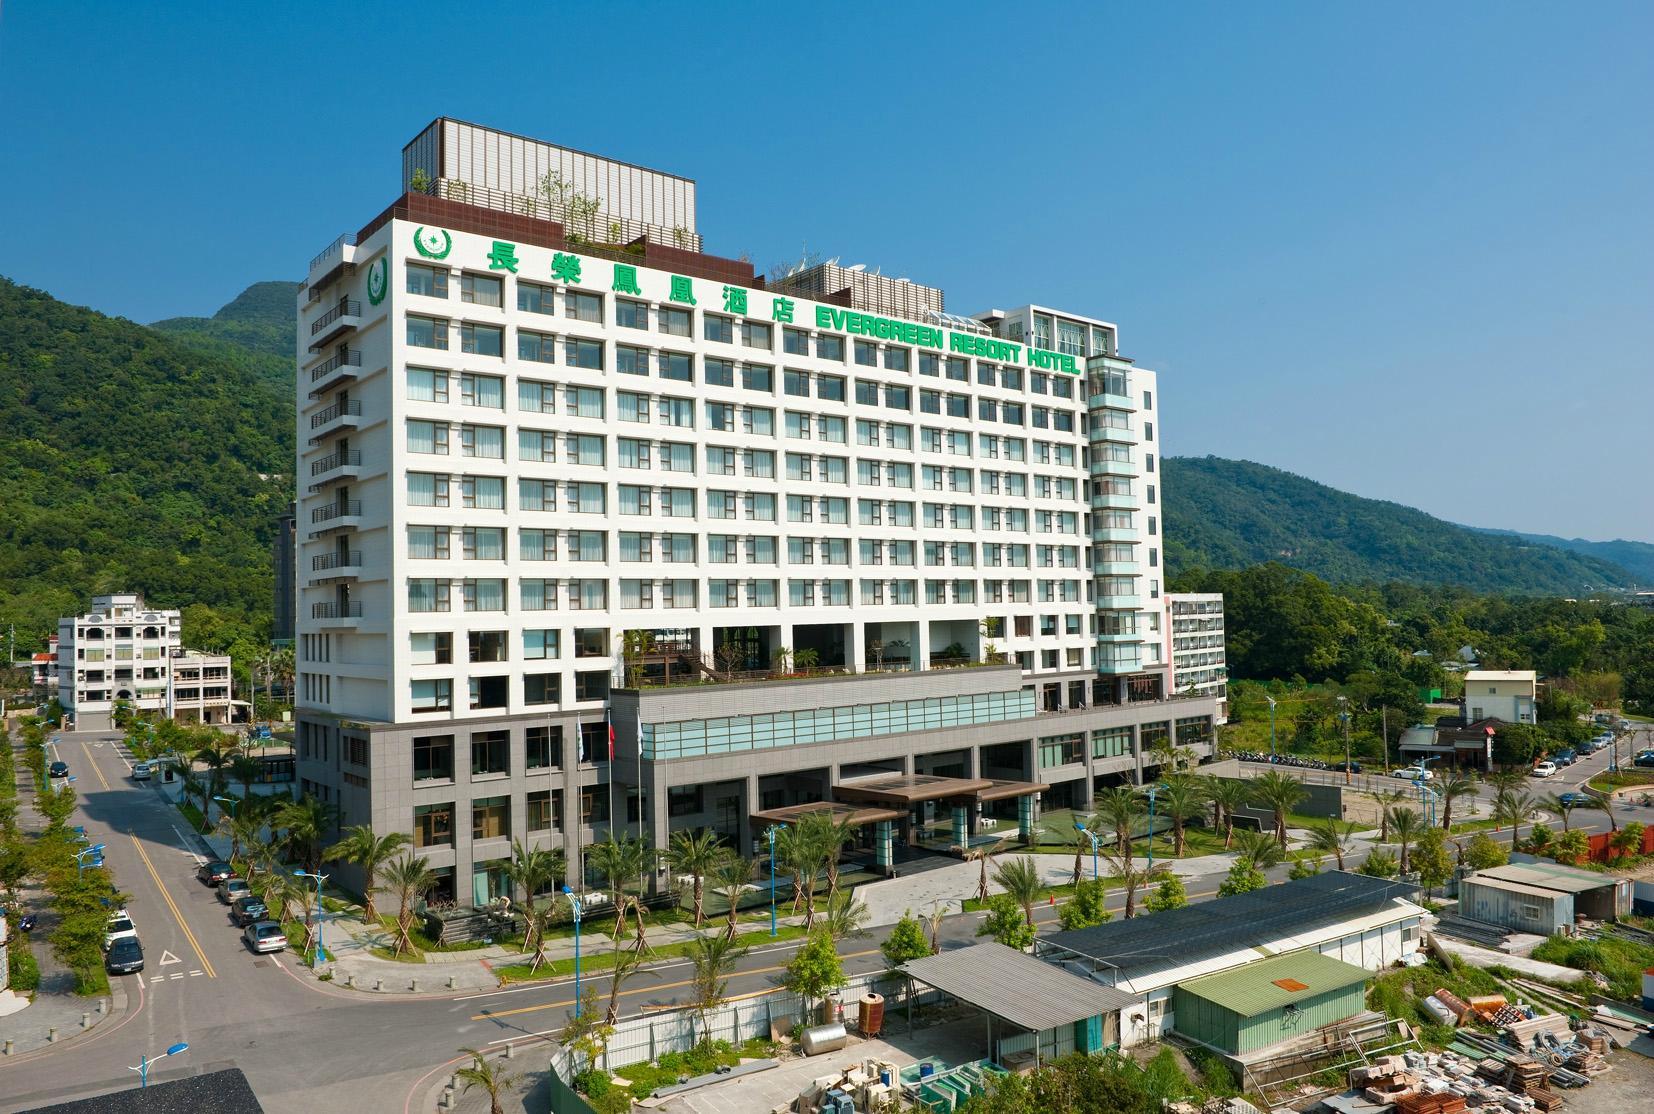 【長榮鳳凰酒店-礁溪】現代豪華的溫泉品味 | HotelMyList